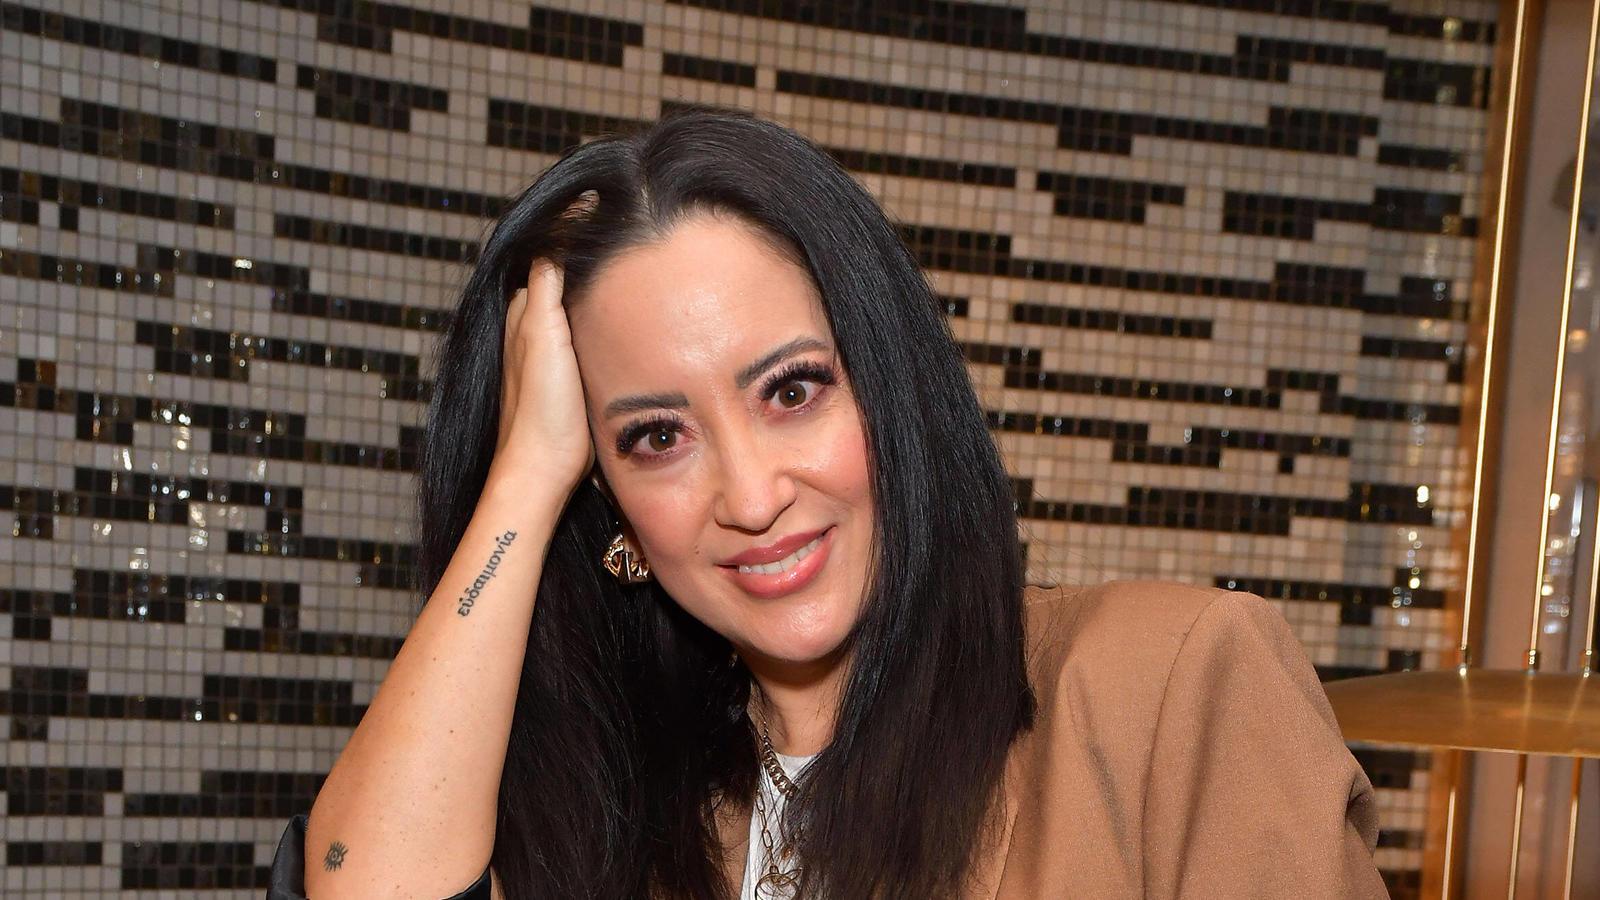 Schauspieler Manuel Cortez stell seine Neue vor - das sagt Ex-Freundin Miyabi Kawai dazu - VIP.de, Star News